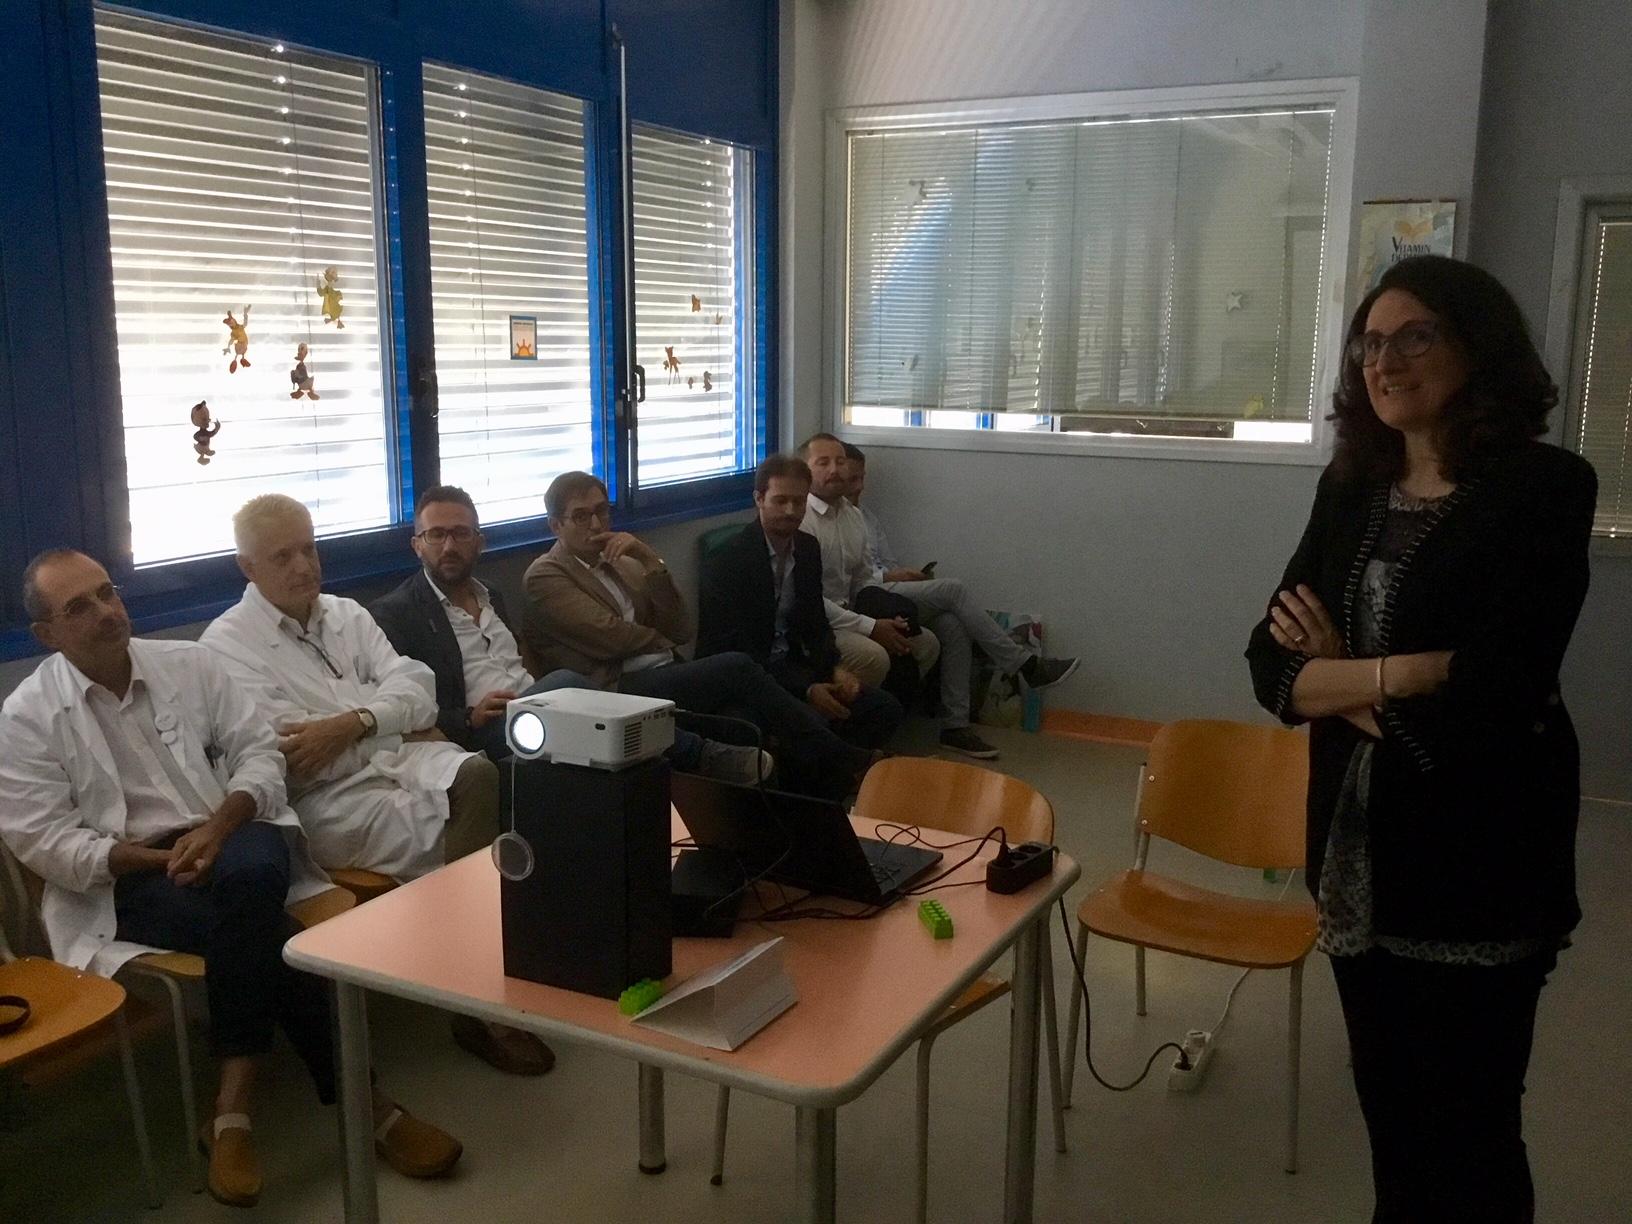 """L'ospedale """"Versilia"""" e l'AOUP insieme per i bambini: presentato il nuovo sistema di teleconsulto tra Pediatrie"""